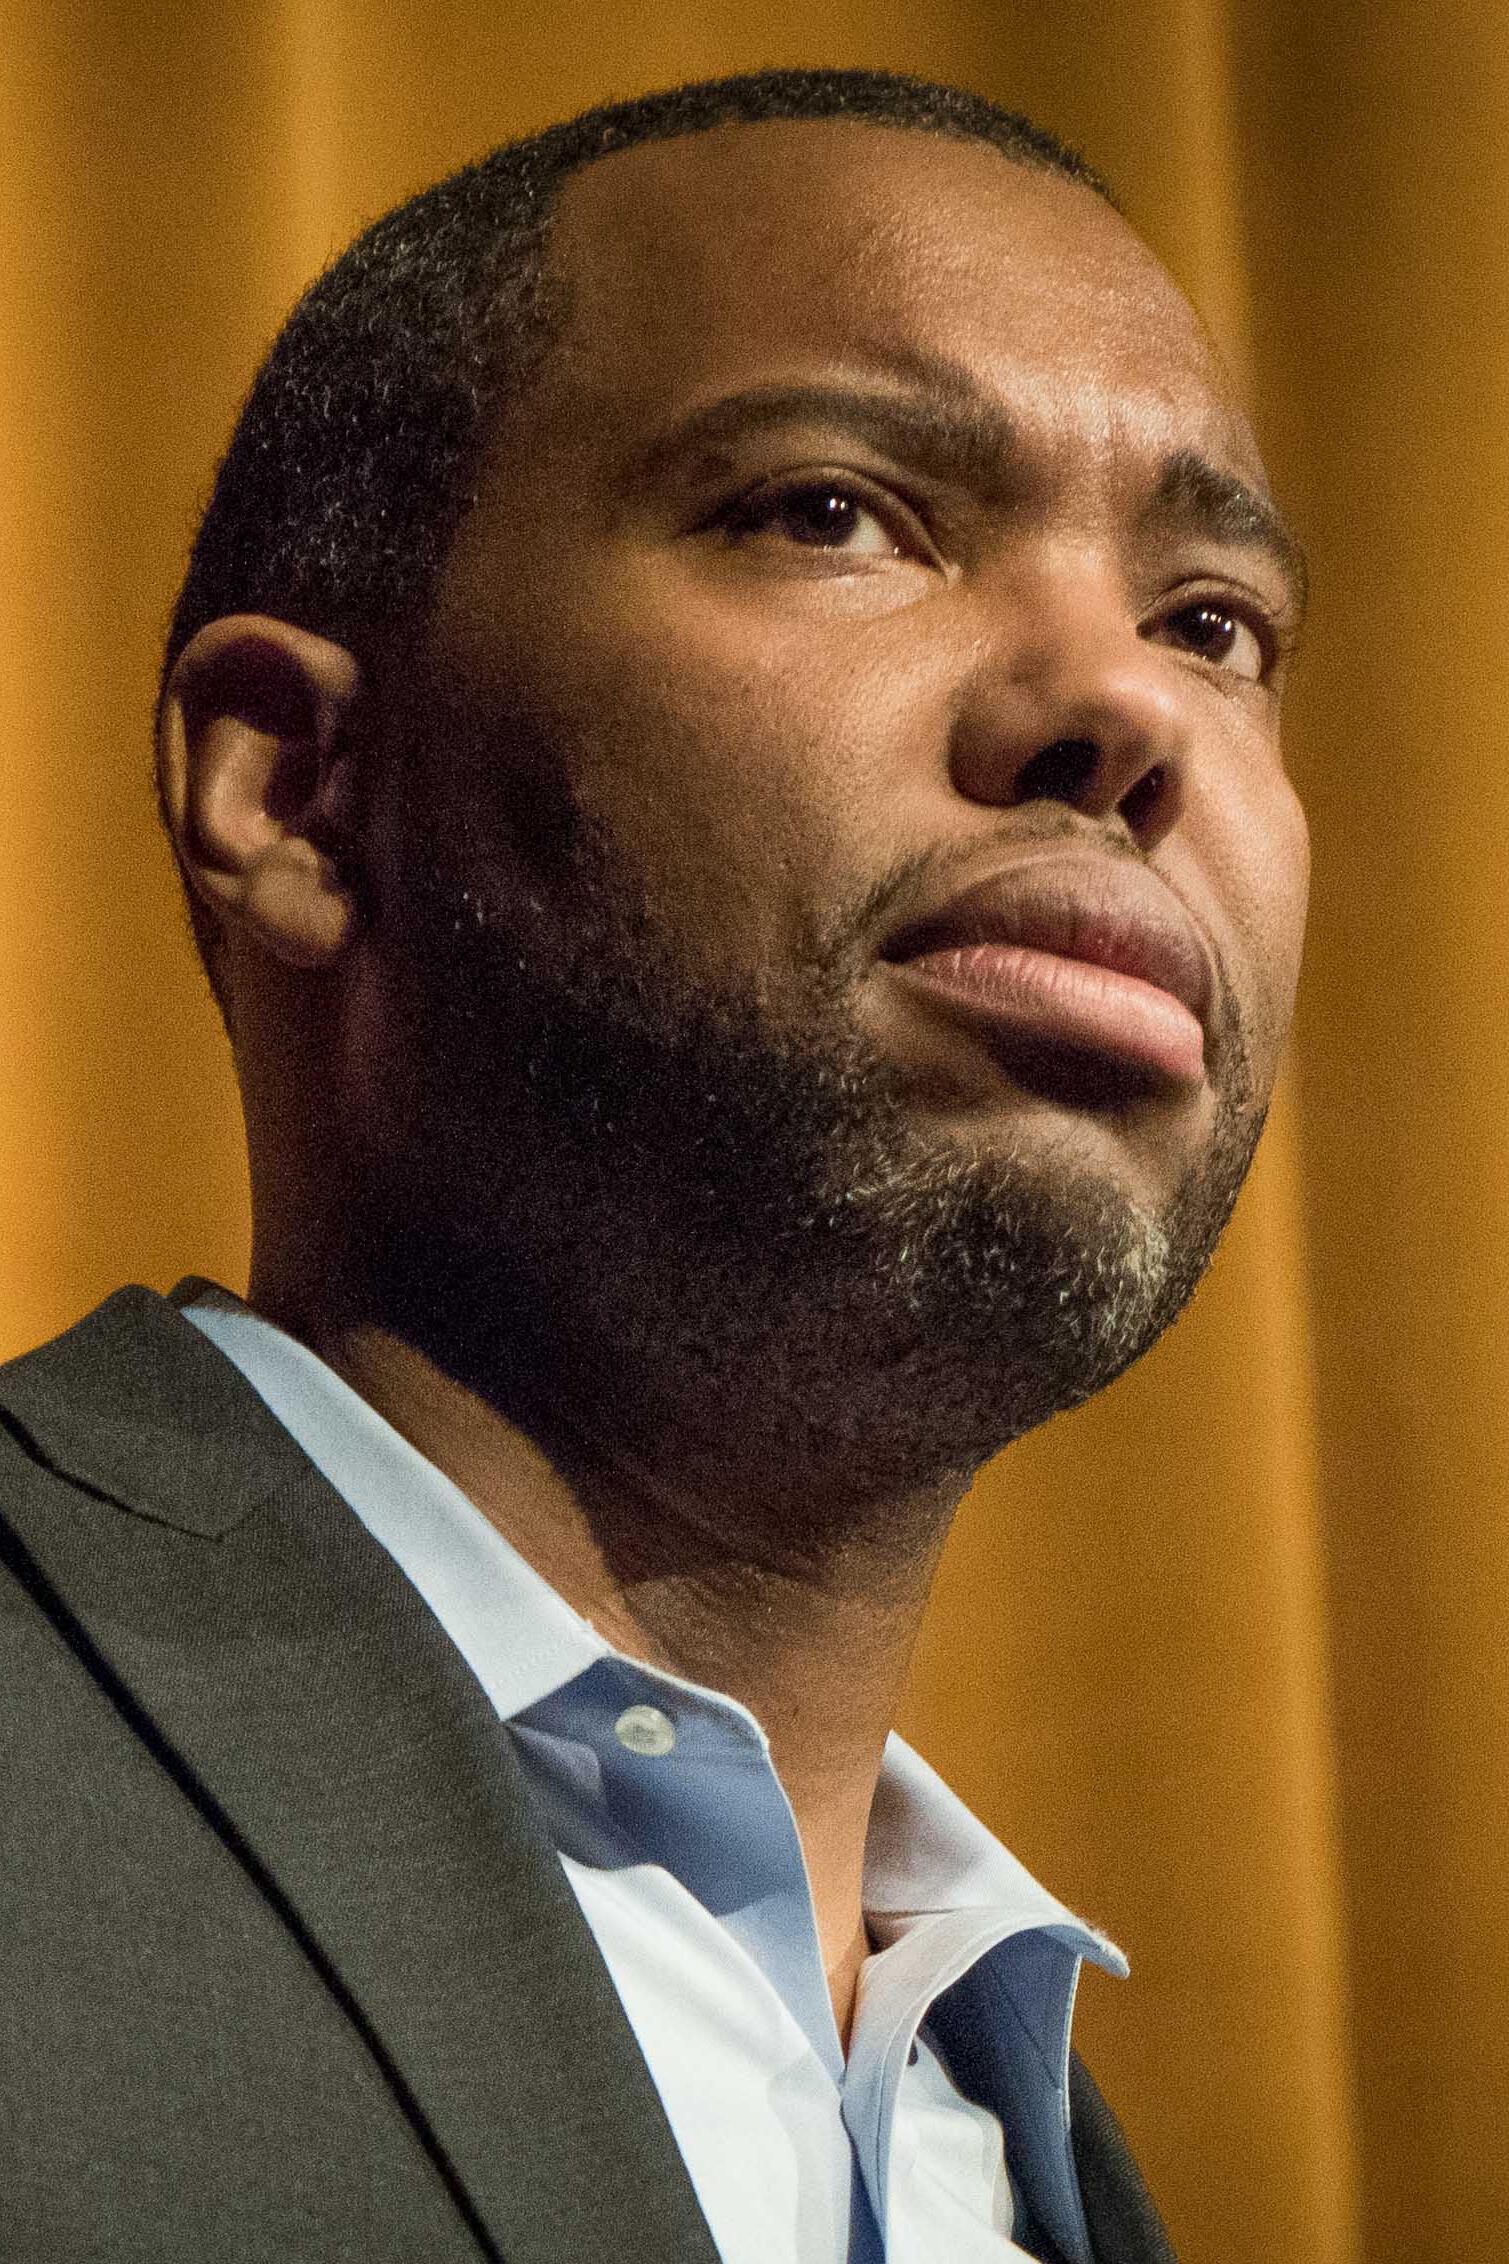 Ta-Nehisi Coates. L'essai intitulé «Le Procès de l'Amérique» qu'a publié ce journaliste en 2014 faisant le plaidoyer pour les compensations réclamées par les descendants d'esclaves a relancé le débat sur la délicate question des réparations.